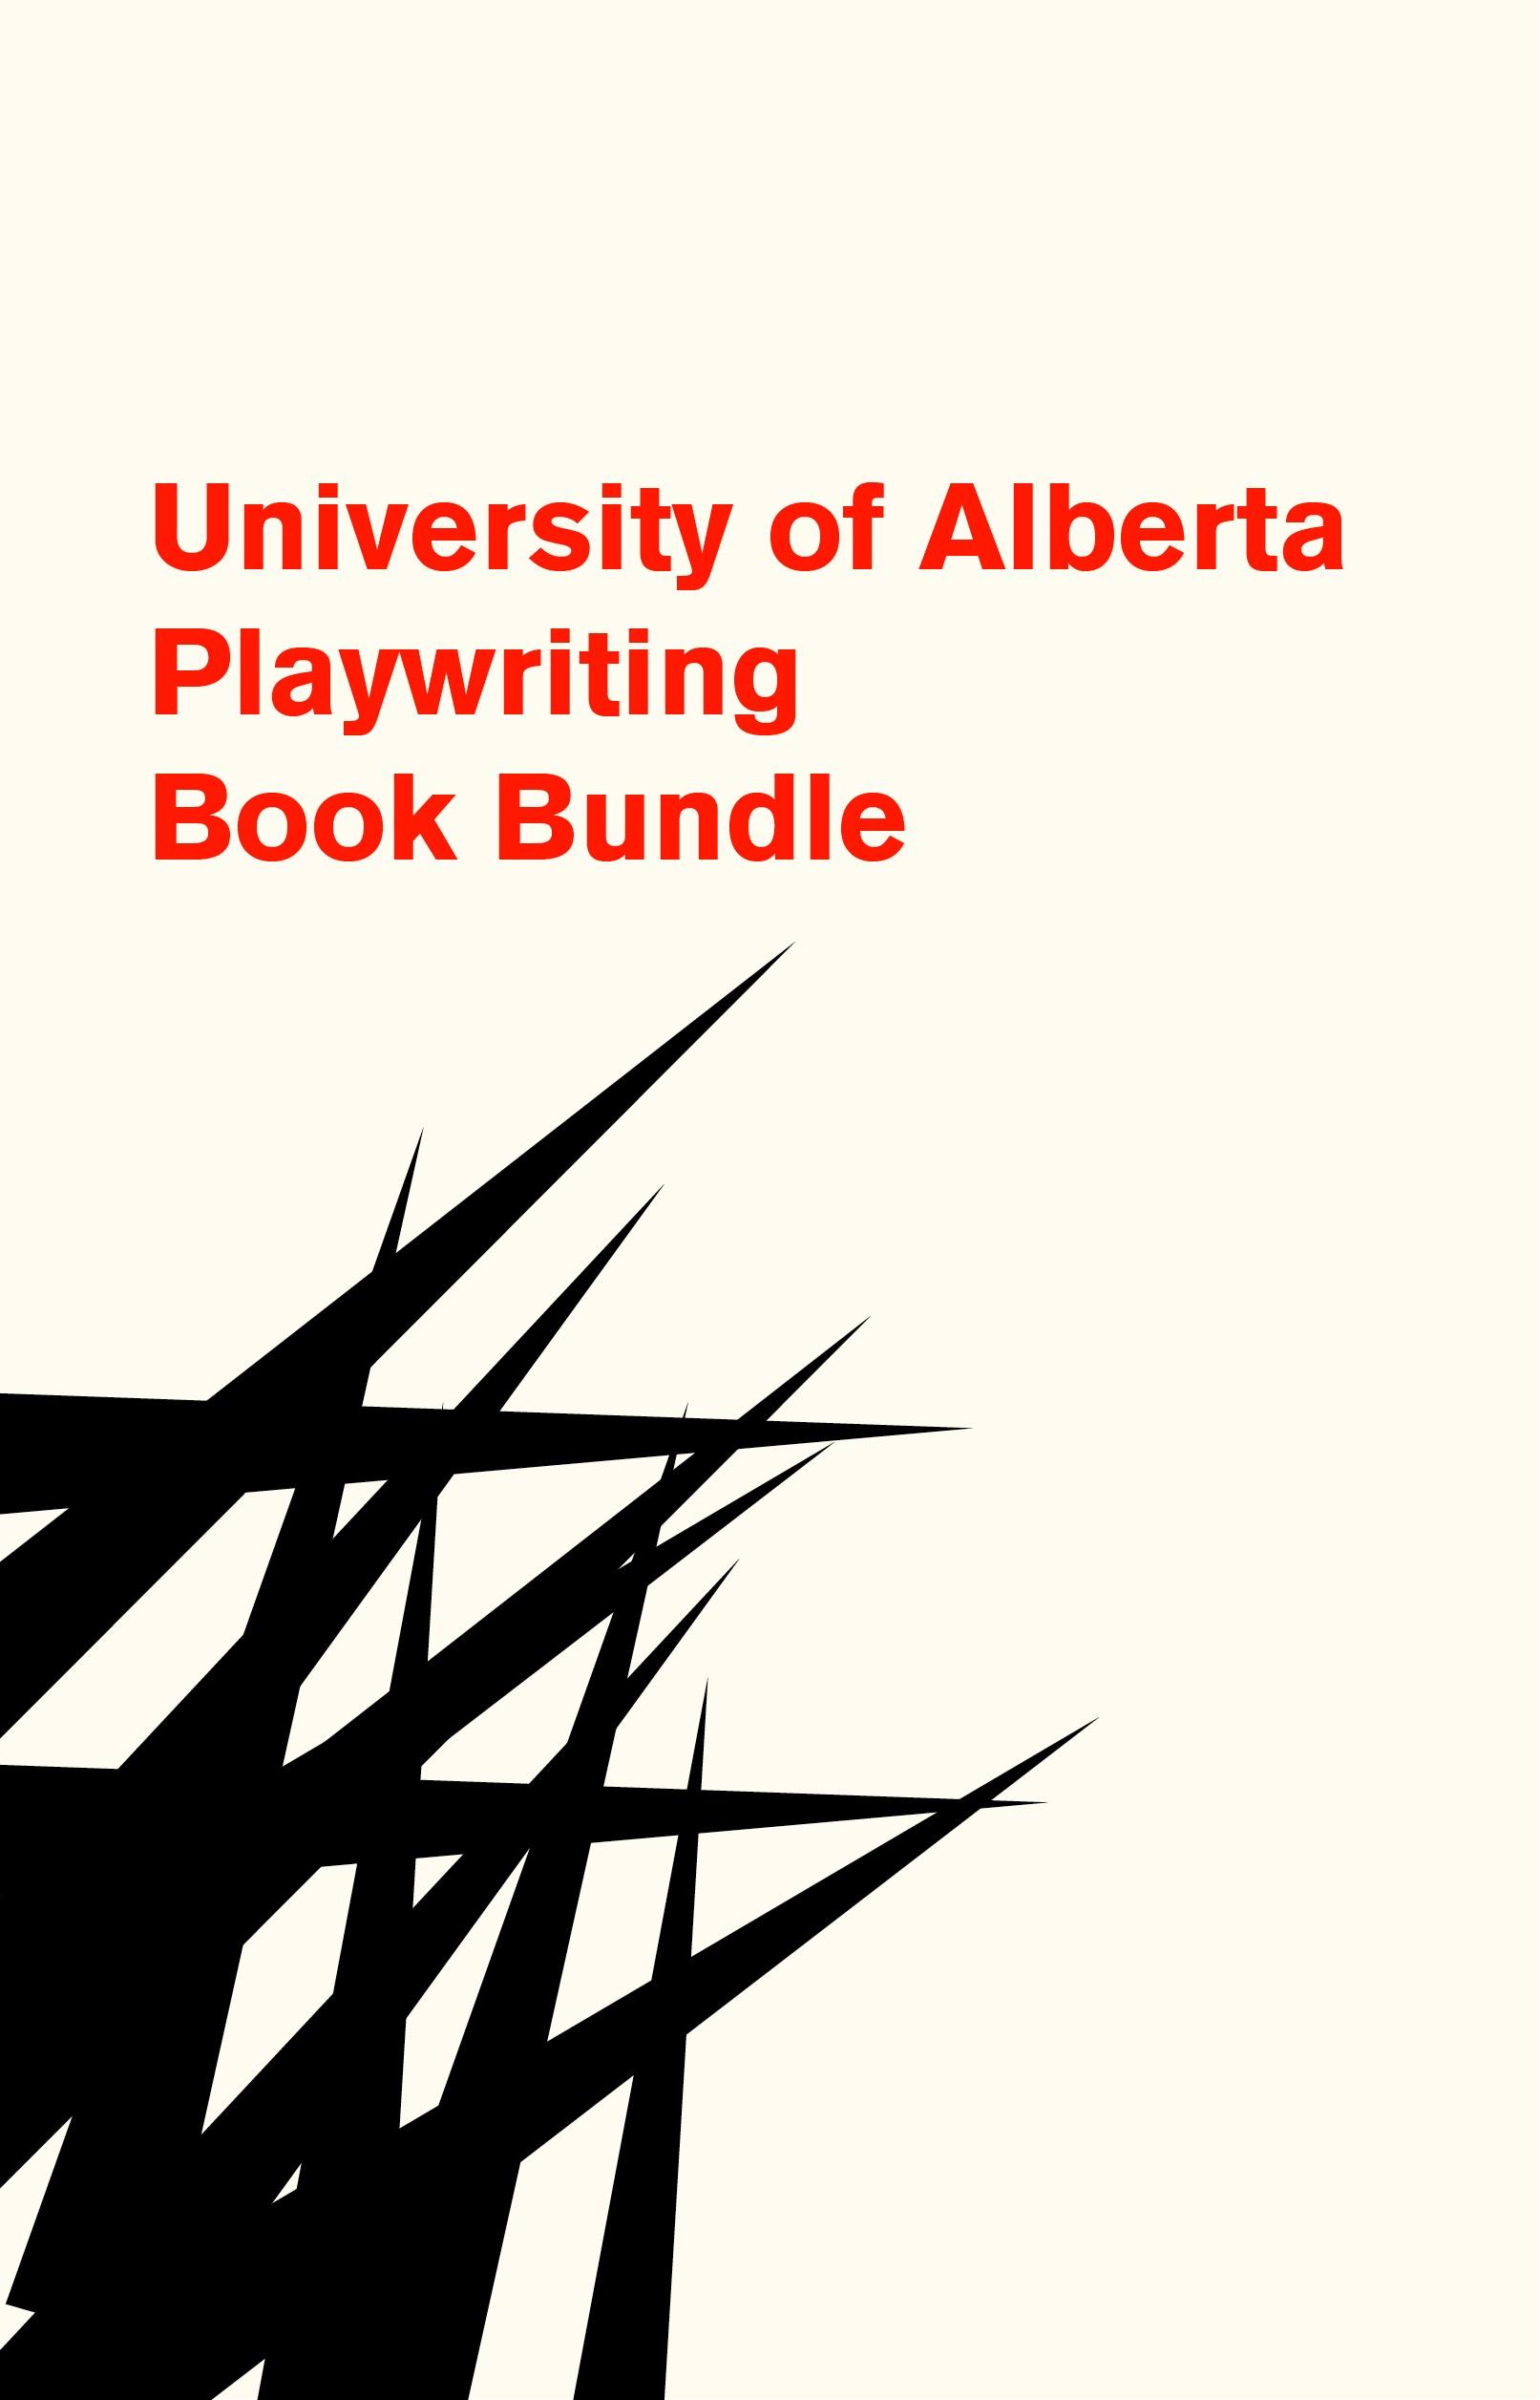 University of Alberta Playwriting Bundle - DRAMA 361